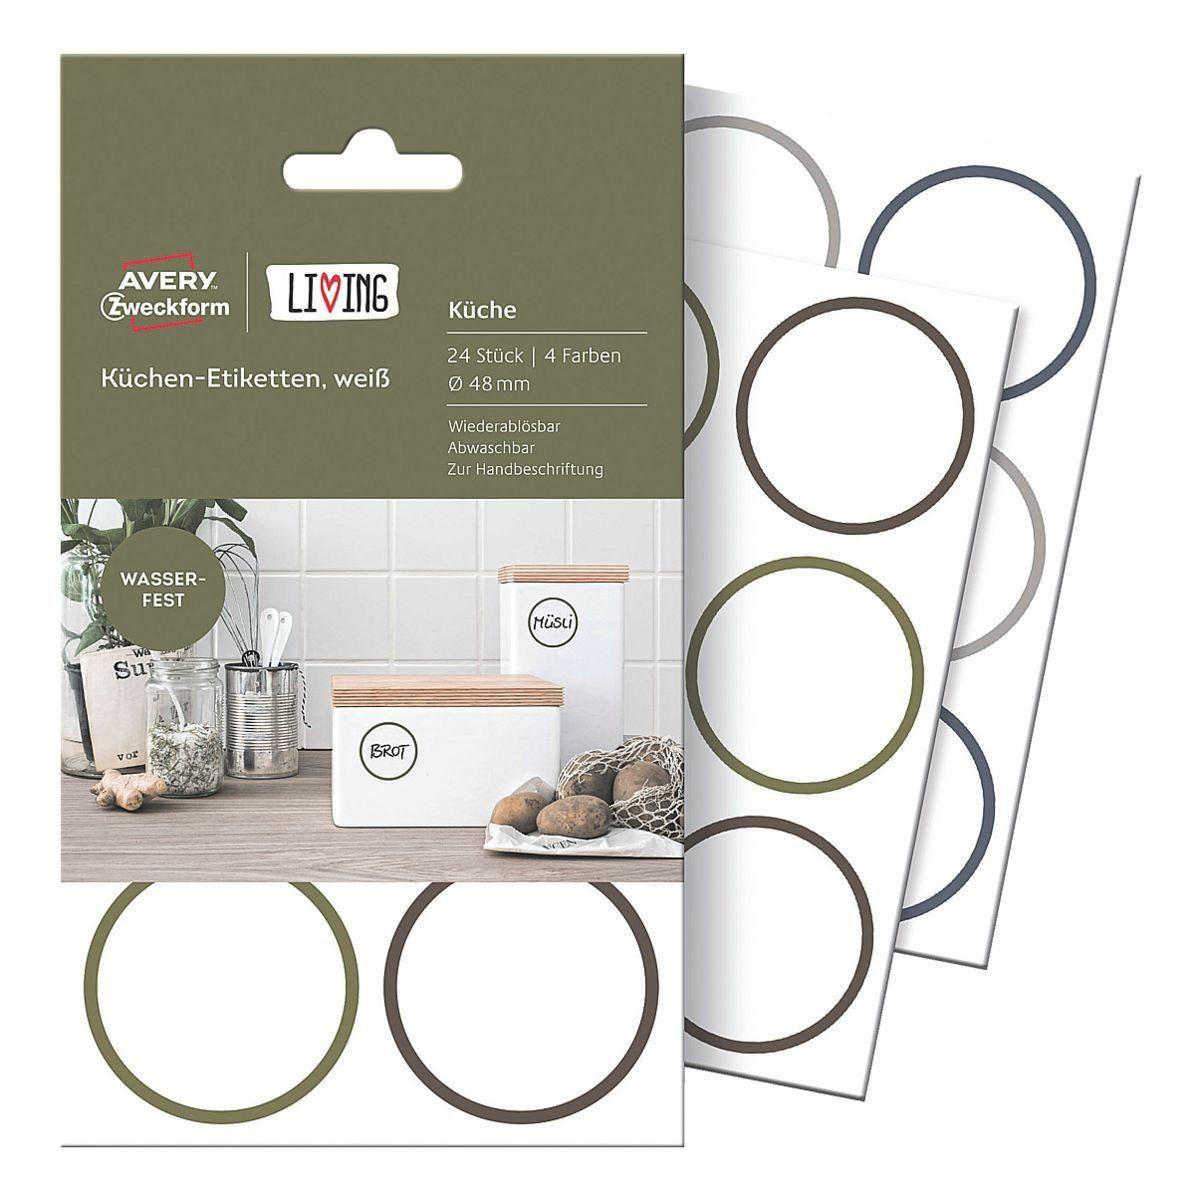 Avery Zweckform Küchen-Etiketten